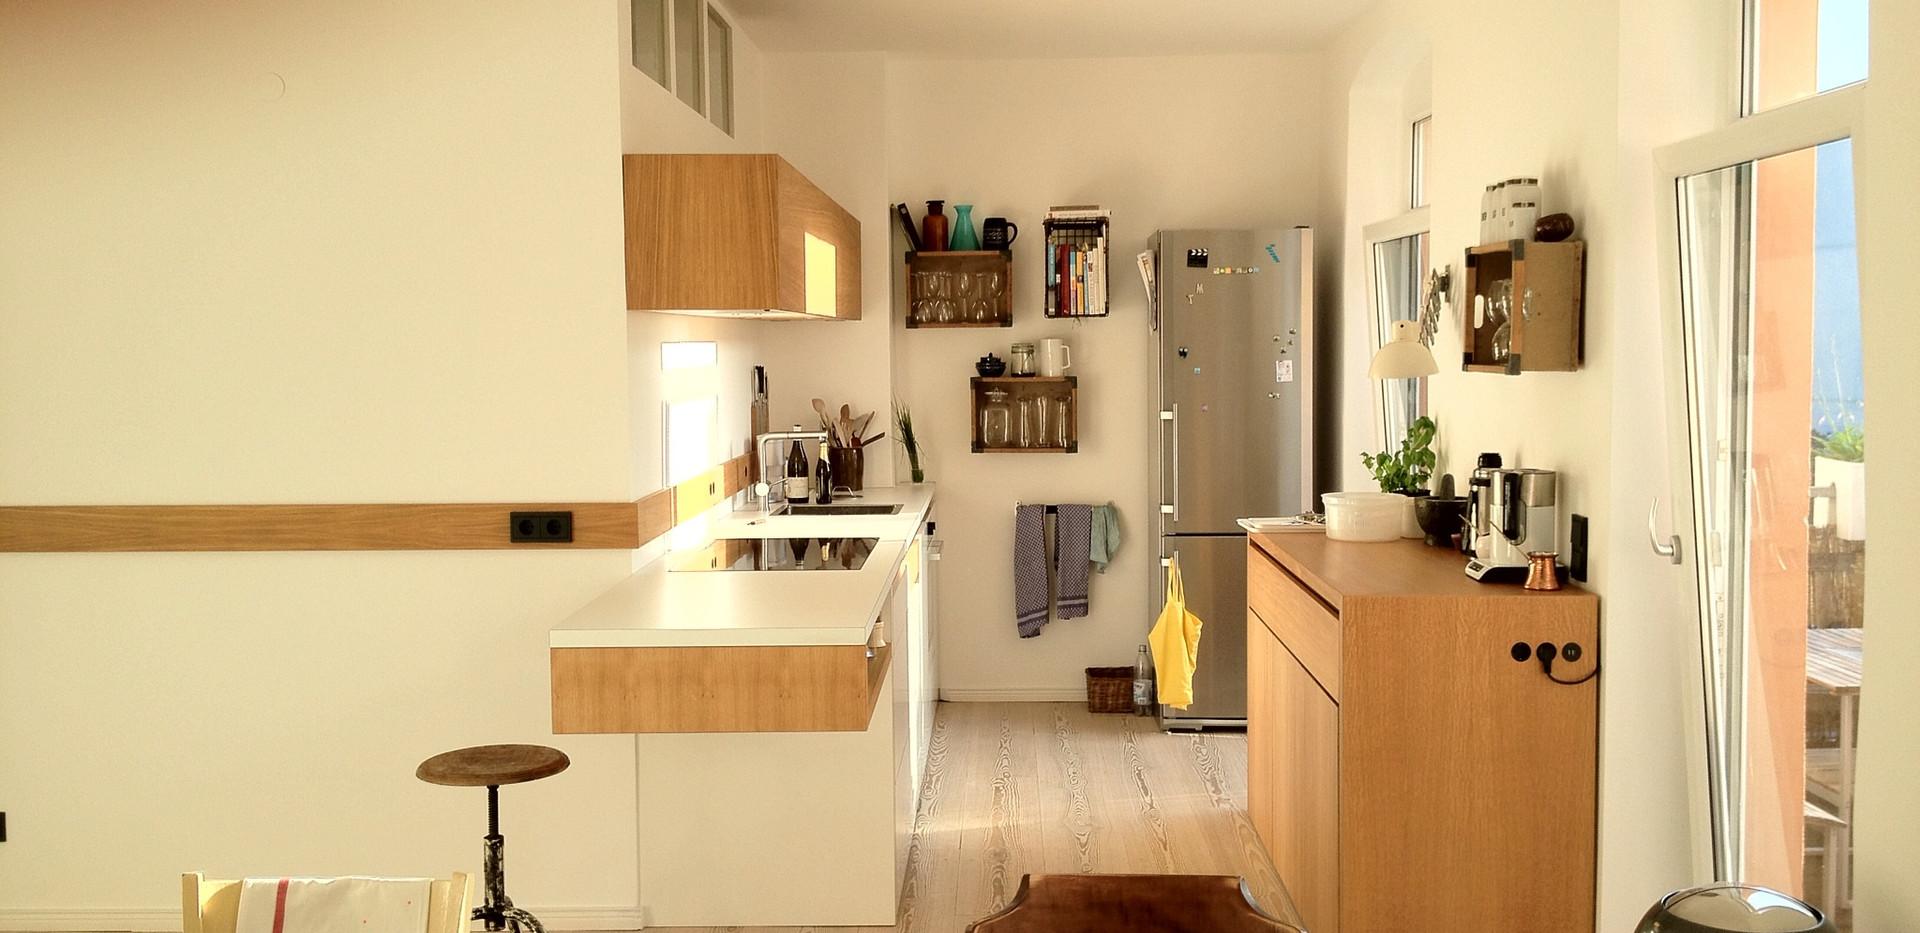 Küche_Fhain_07.jpg